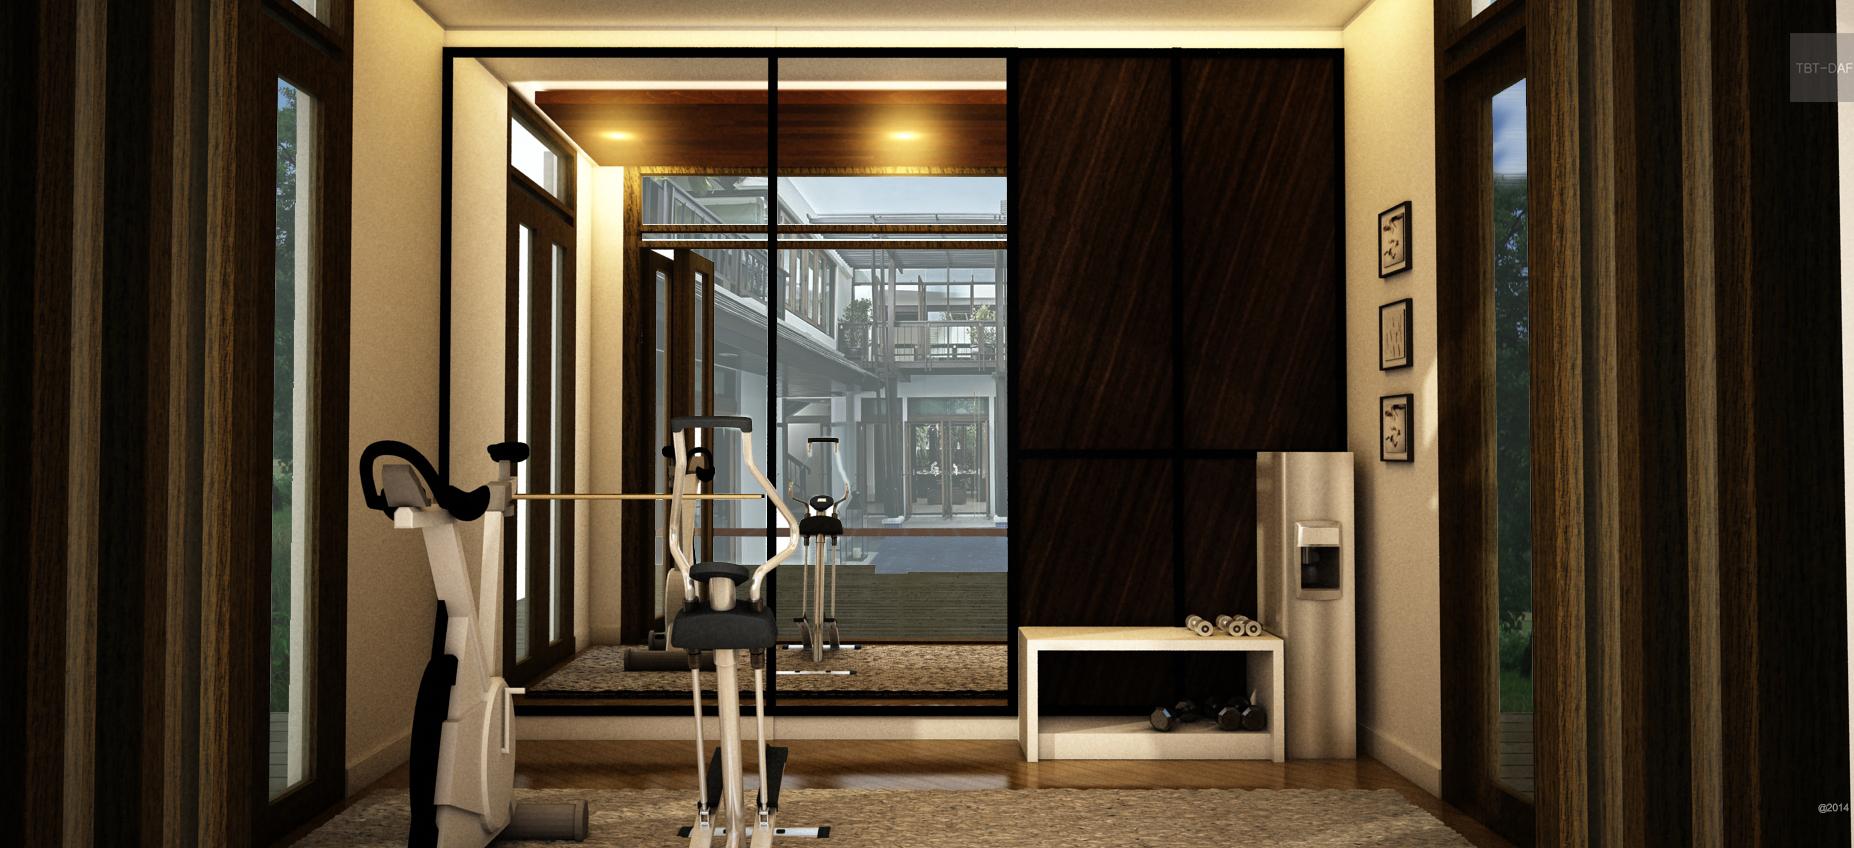 TBT-DAF interior 99 residence 11